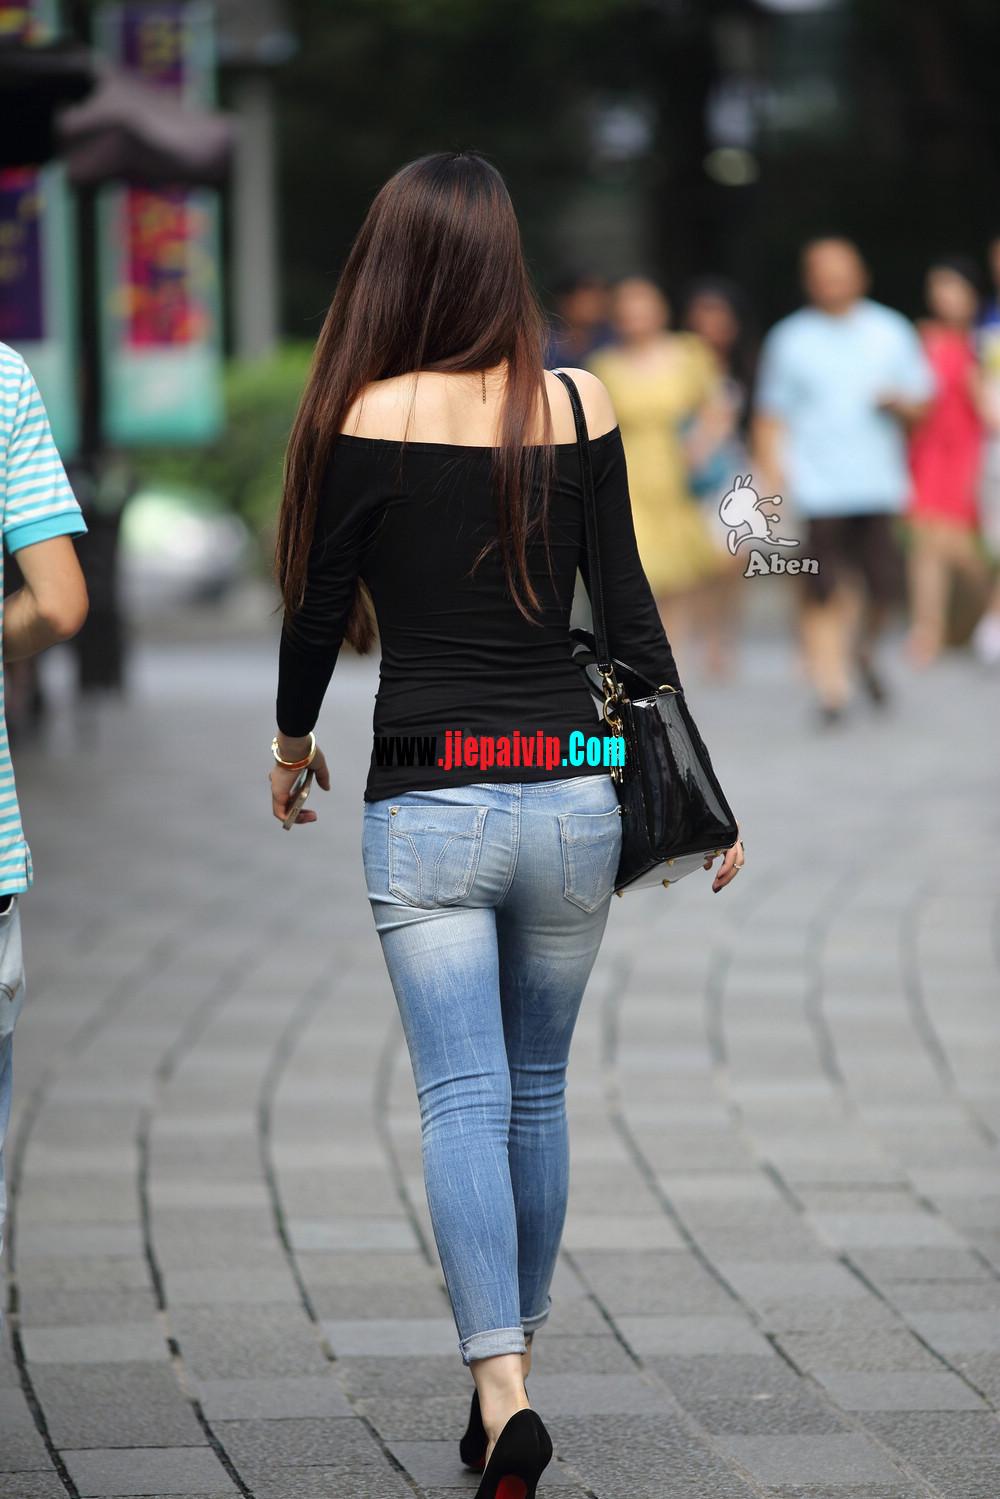 街拍紧身牛仔翘臀,黑色性感高跟鞋气质美女3